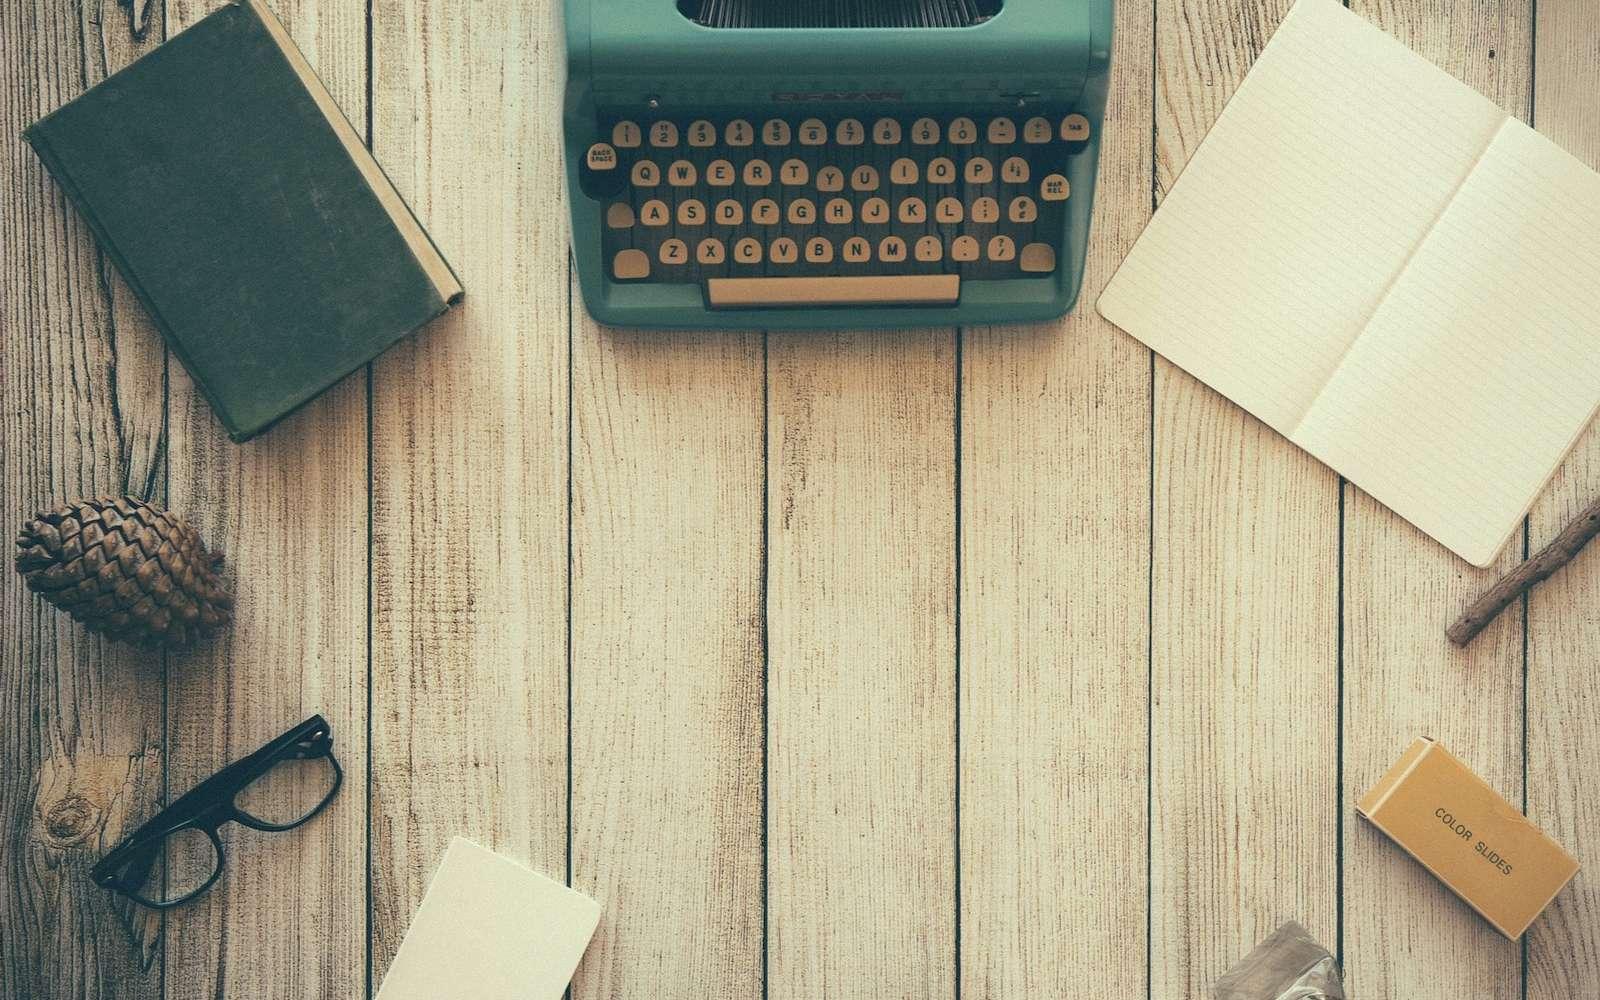 Entre de mauvaises mains, ce générateur de texte pourrait produire de fausses informations et les partager à vitesse grand V sur les réseaux sociaux et les moteurs de recherche. © Free-Photos/Pixabay